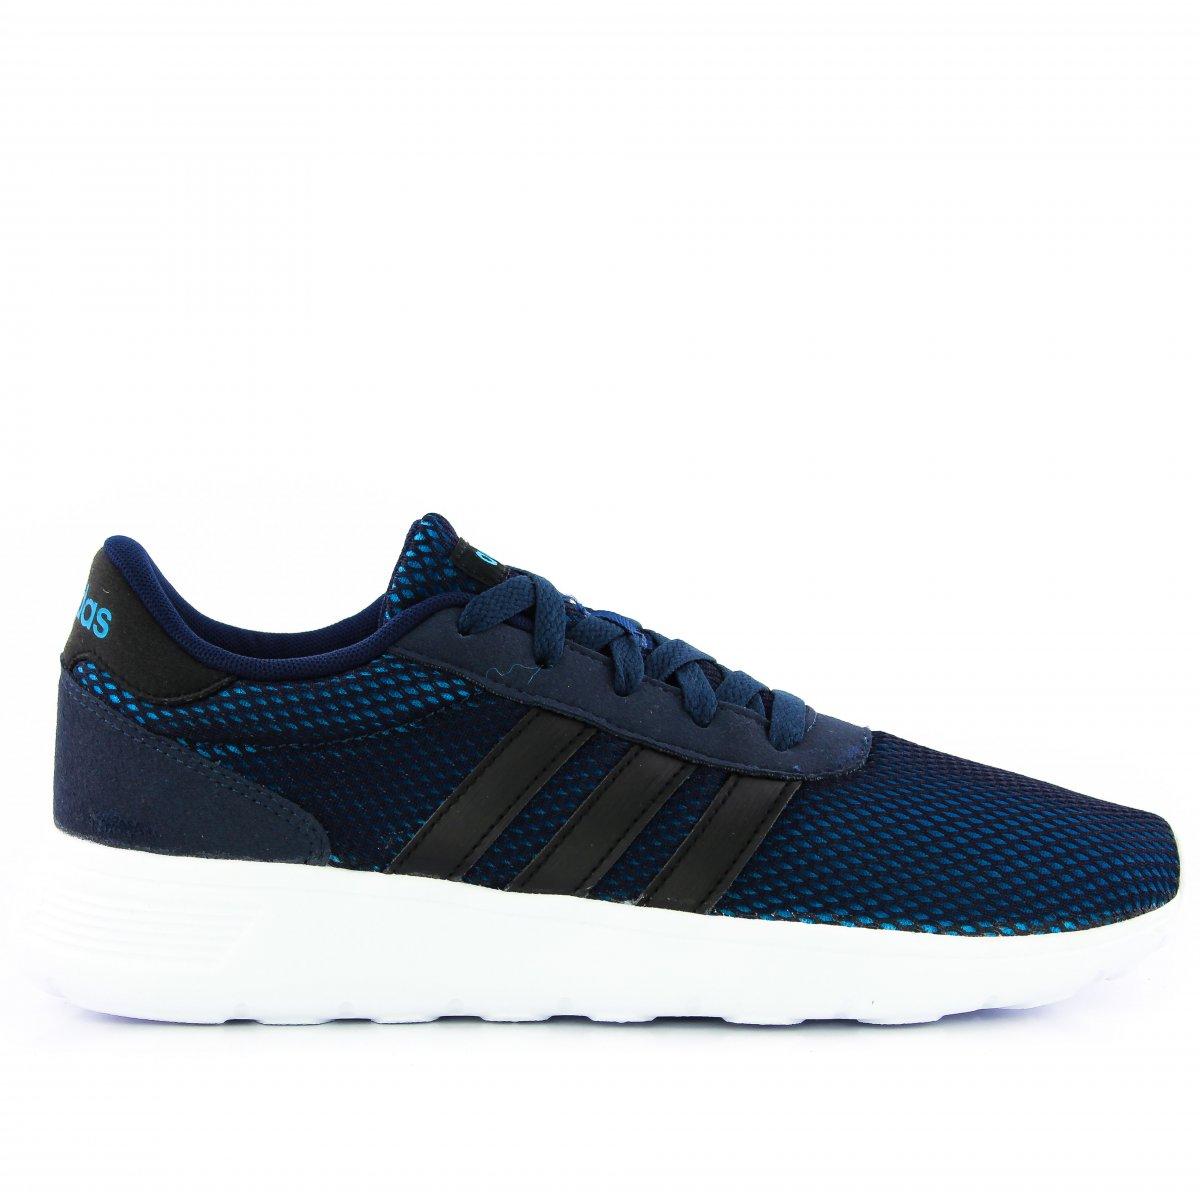 864436b44 Tenis Adidas Lite Racer | Azul Marinho/preto | Coutope